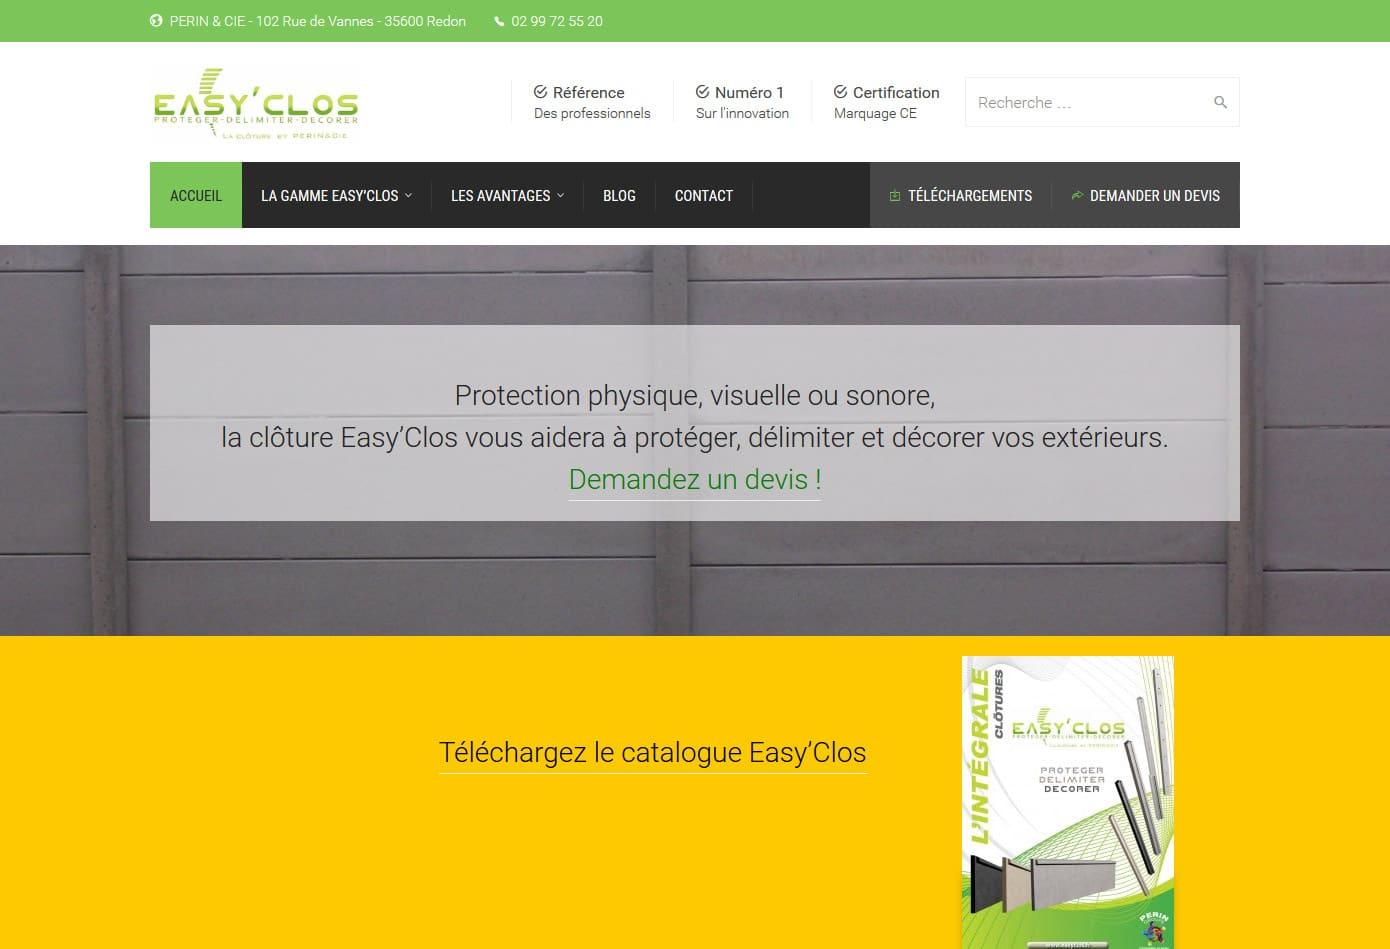 Lancement du site web Easyclos.fr